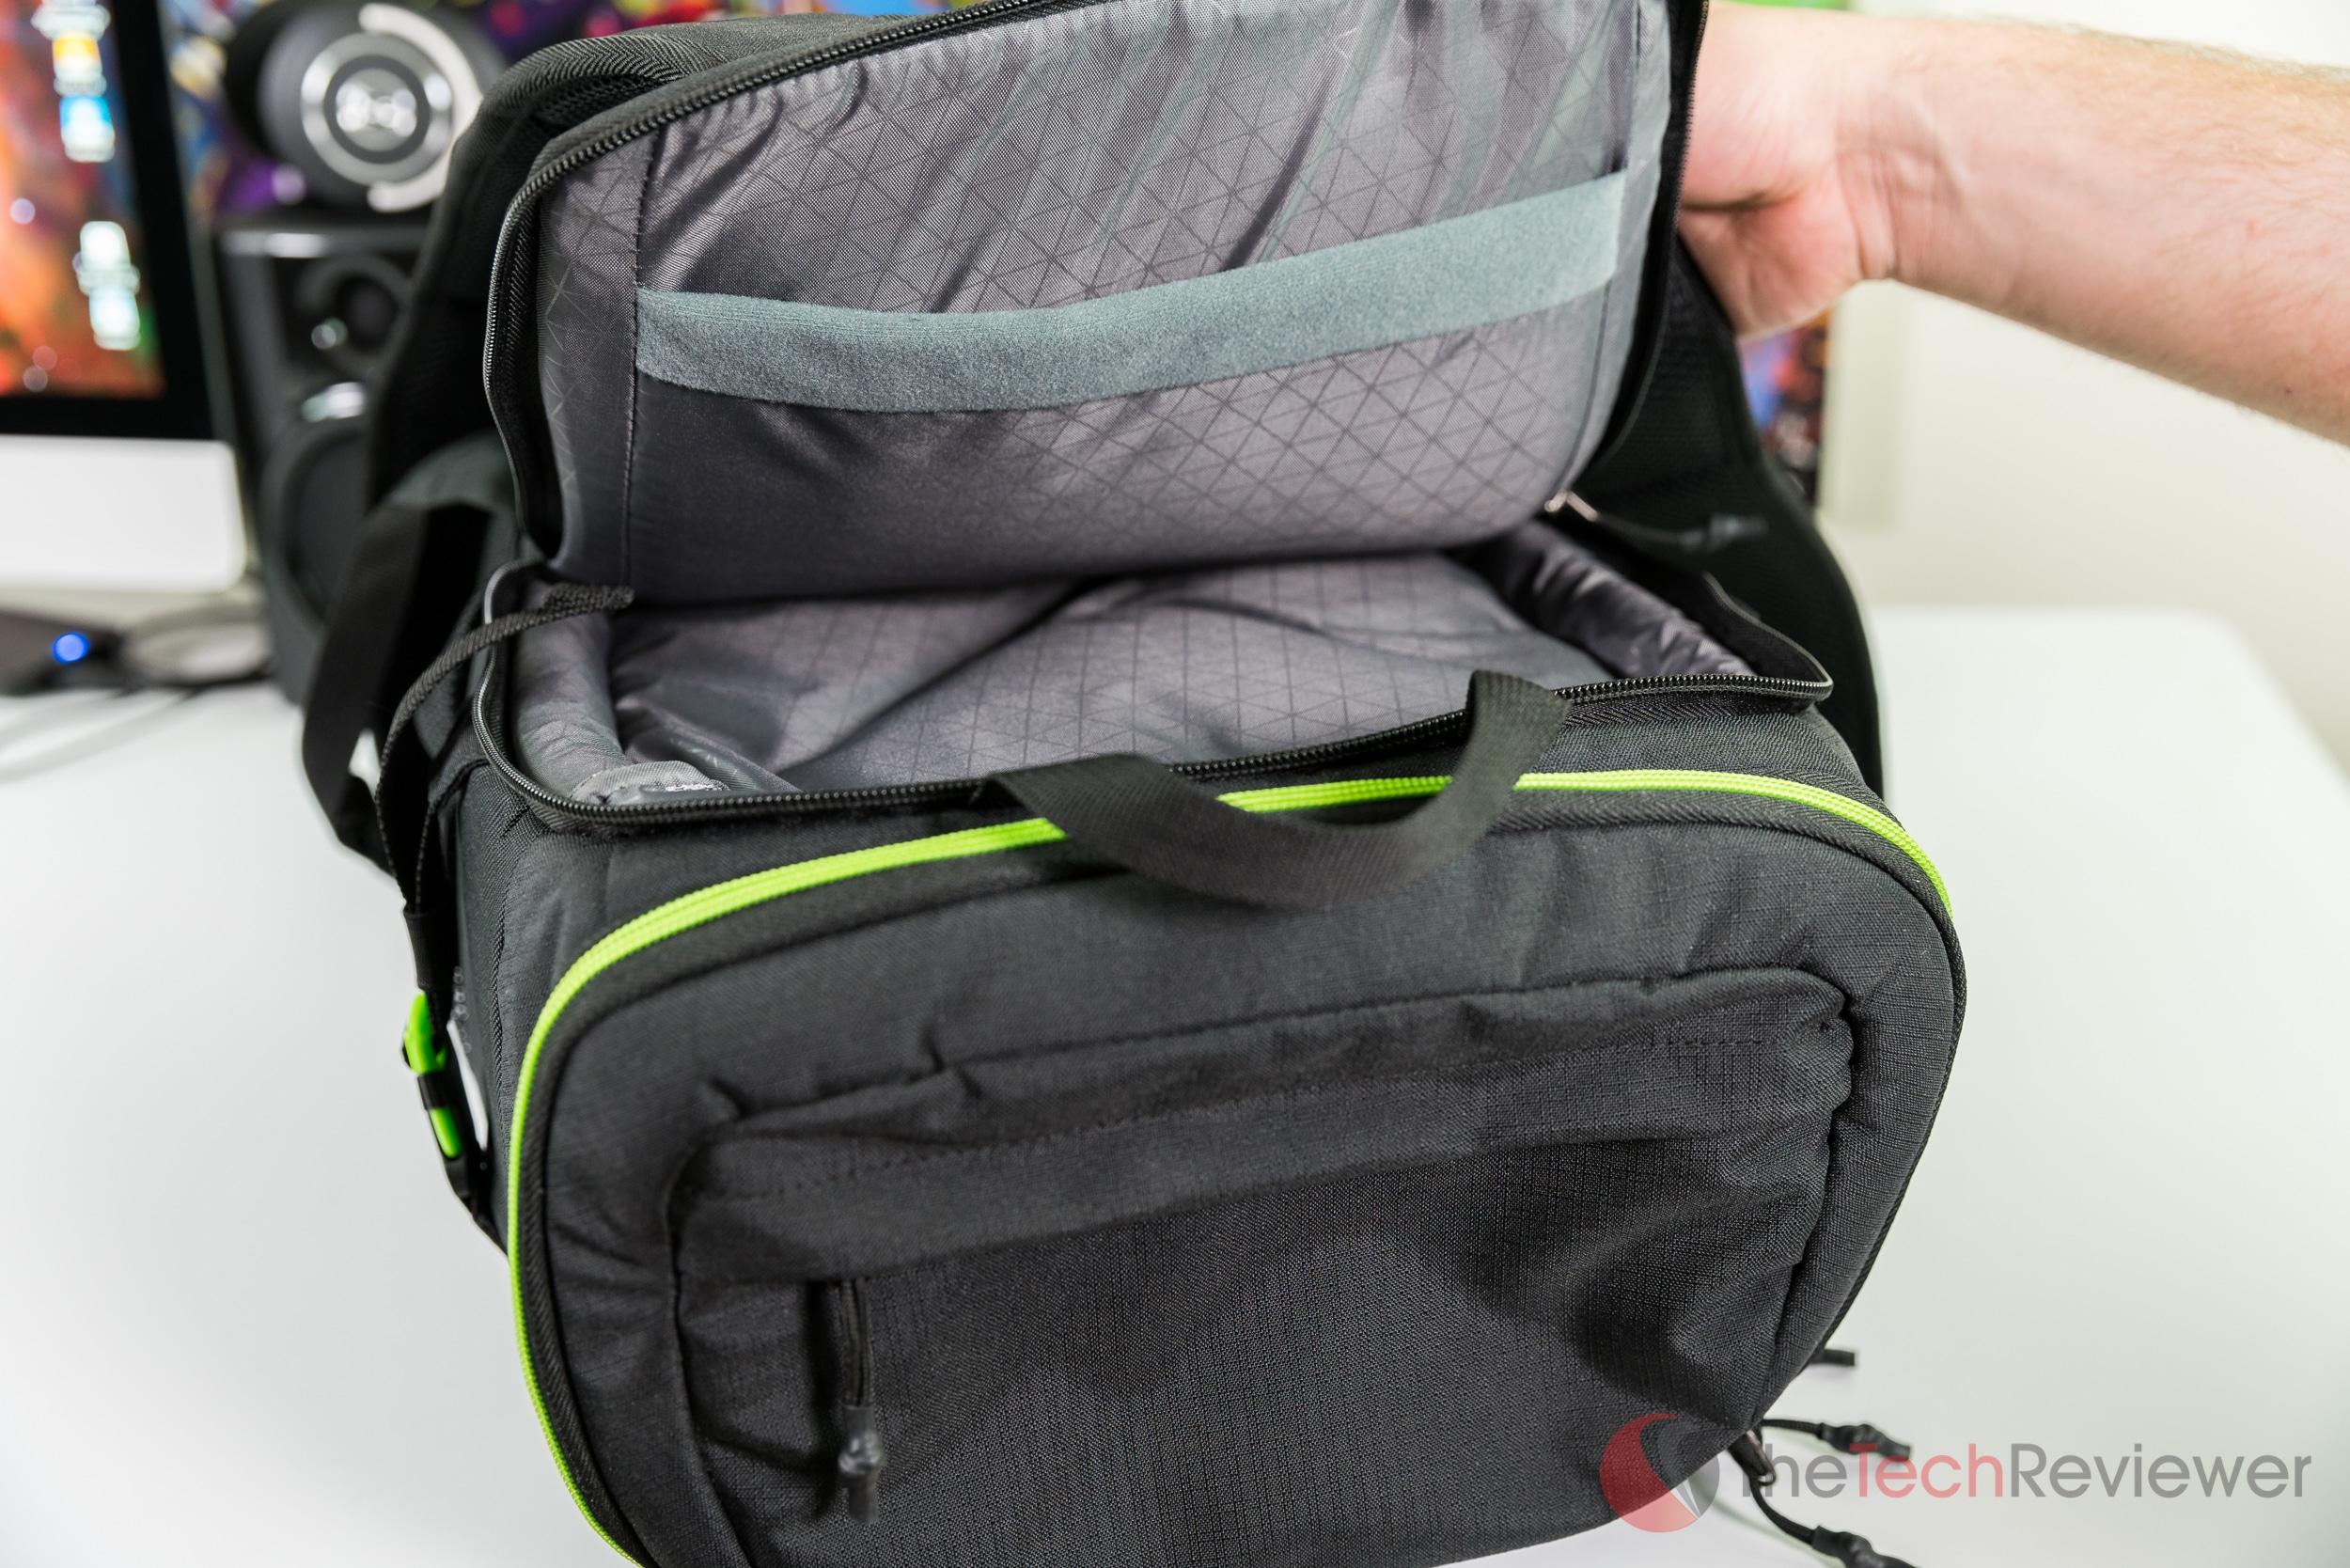 Case%20Logic%20Kontrast%20DSLR%20Backpack-5